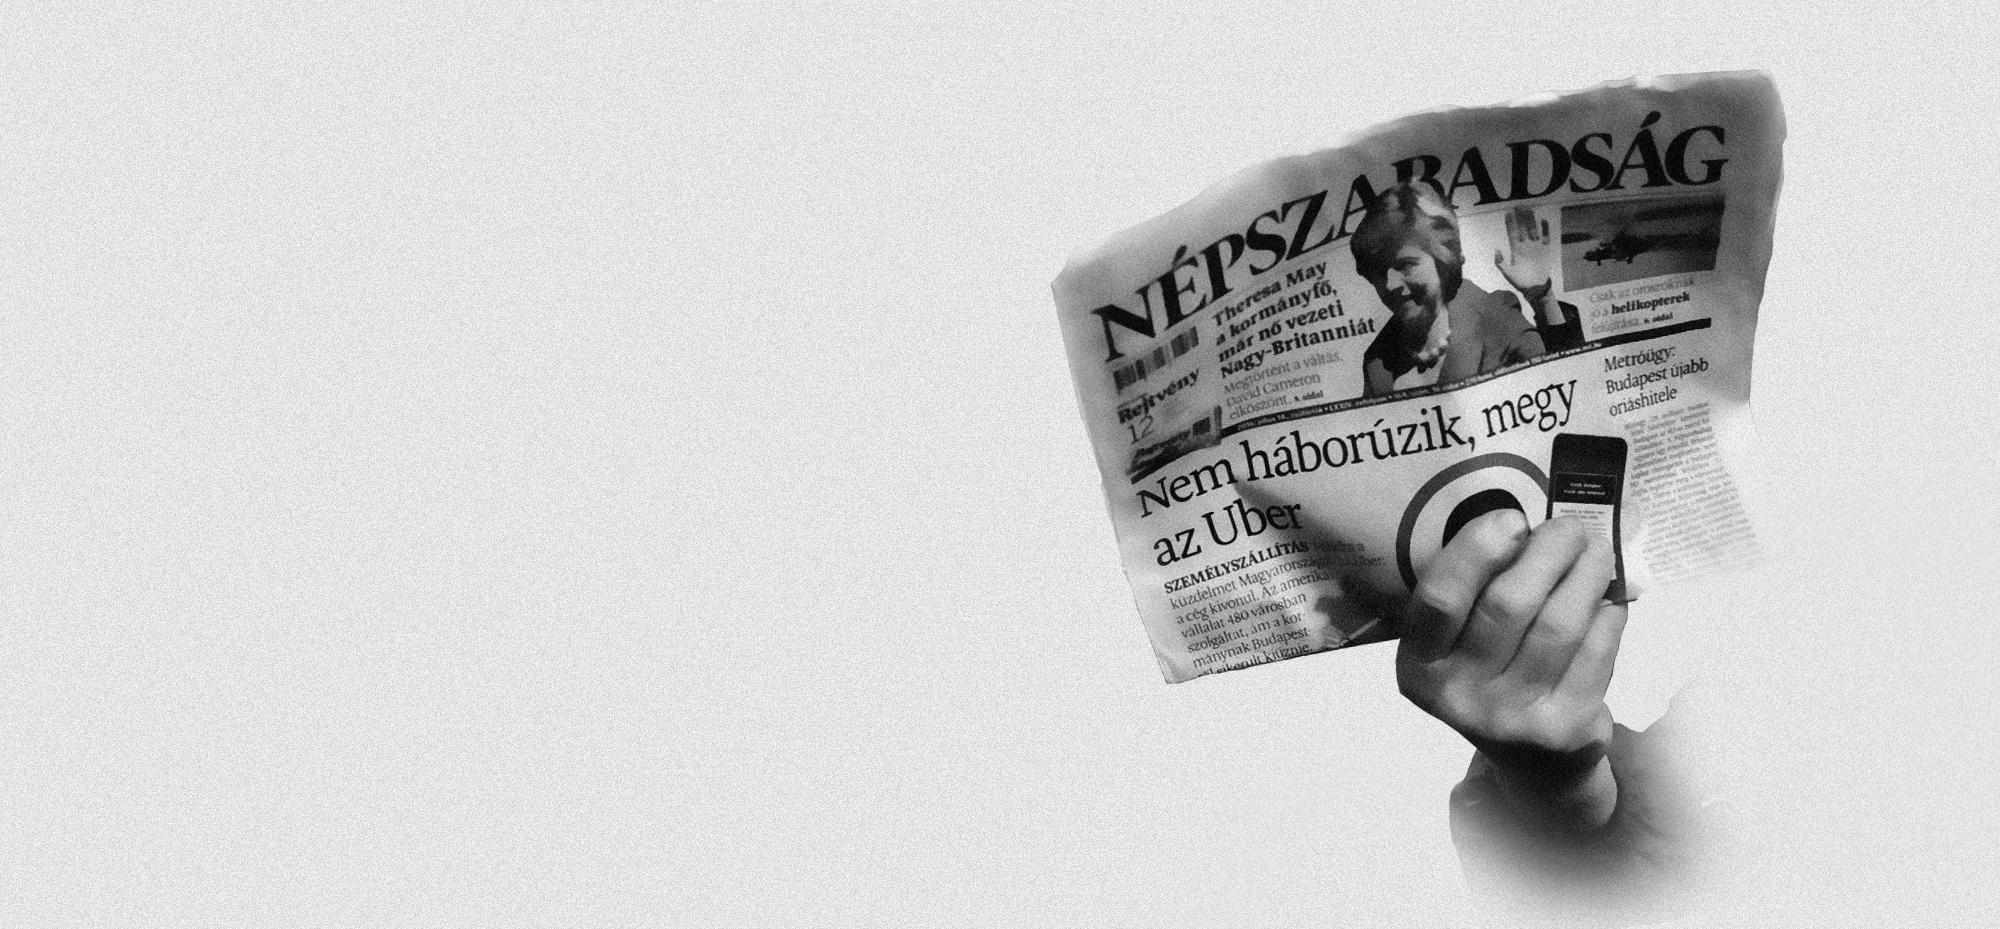 Már évekkel ezelőtt behálózta a Népszabadságot a Fidesz